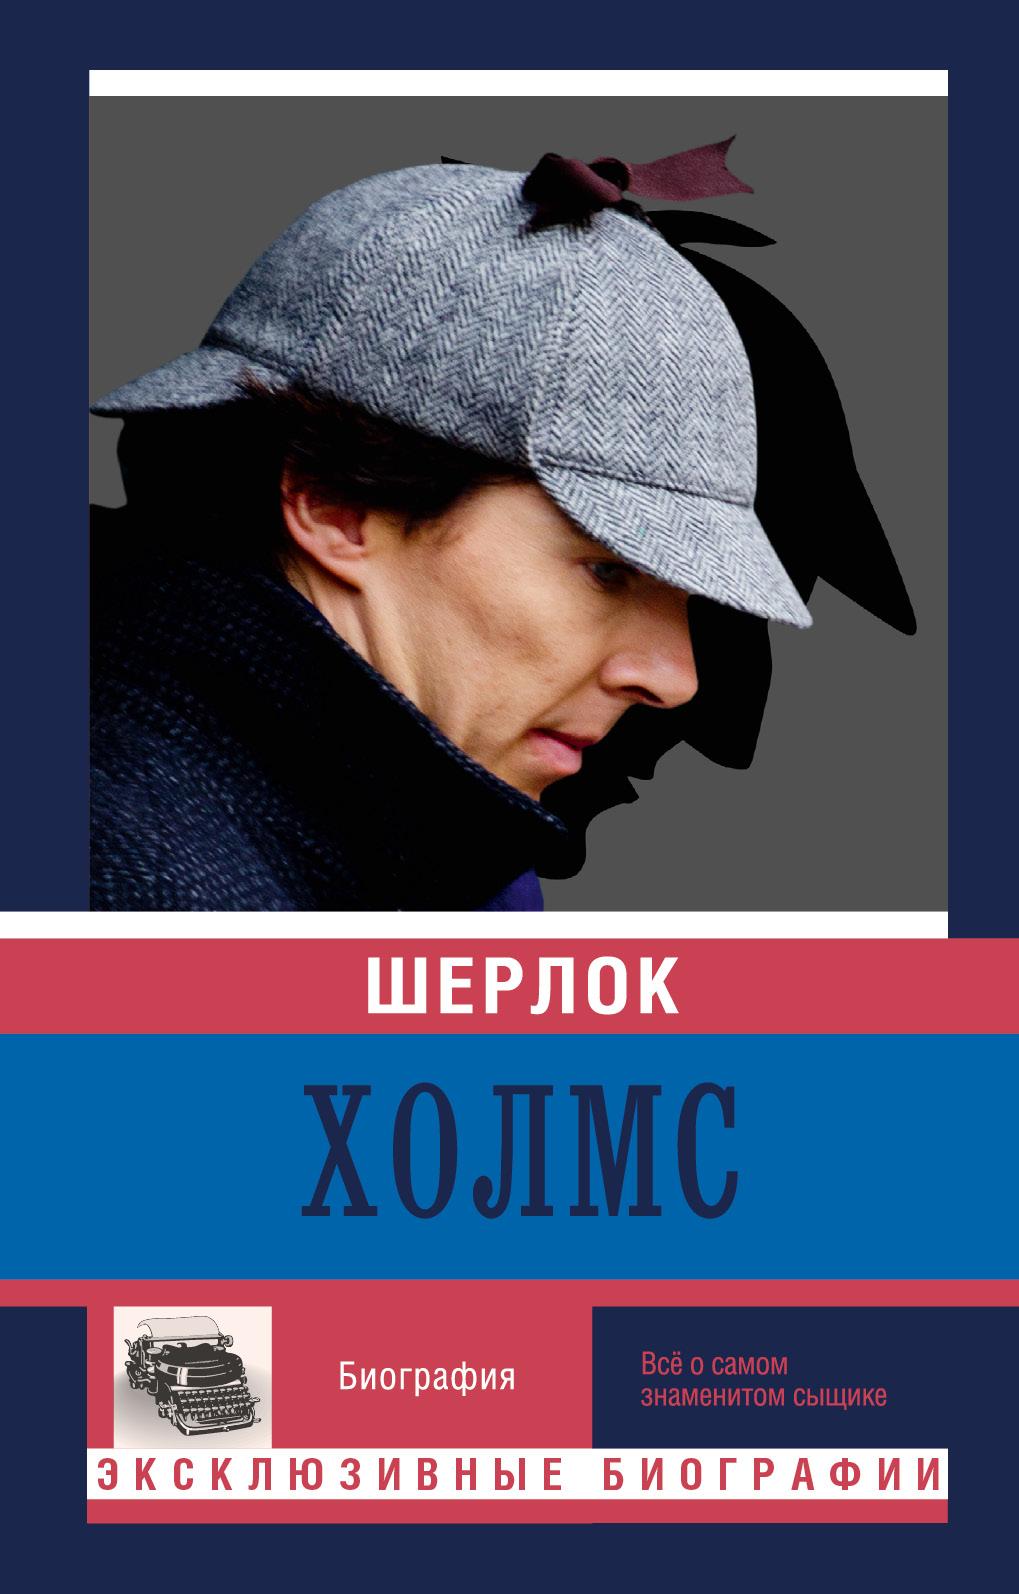 Шерлок Холмс ( Мишаненкова Е.А,  )